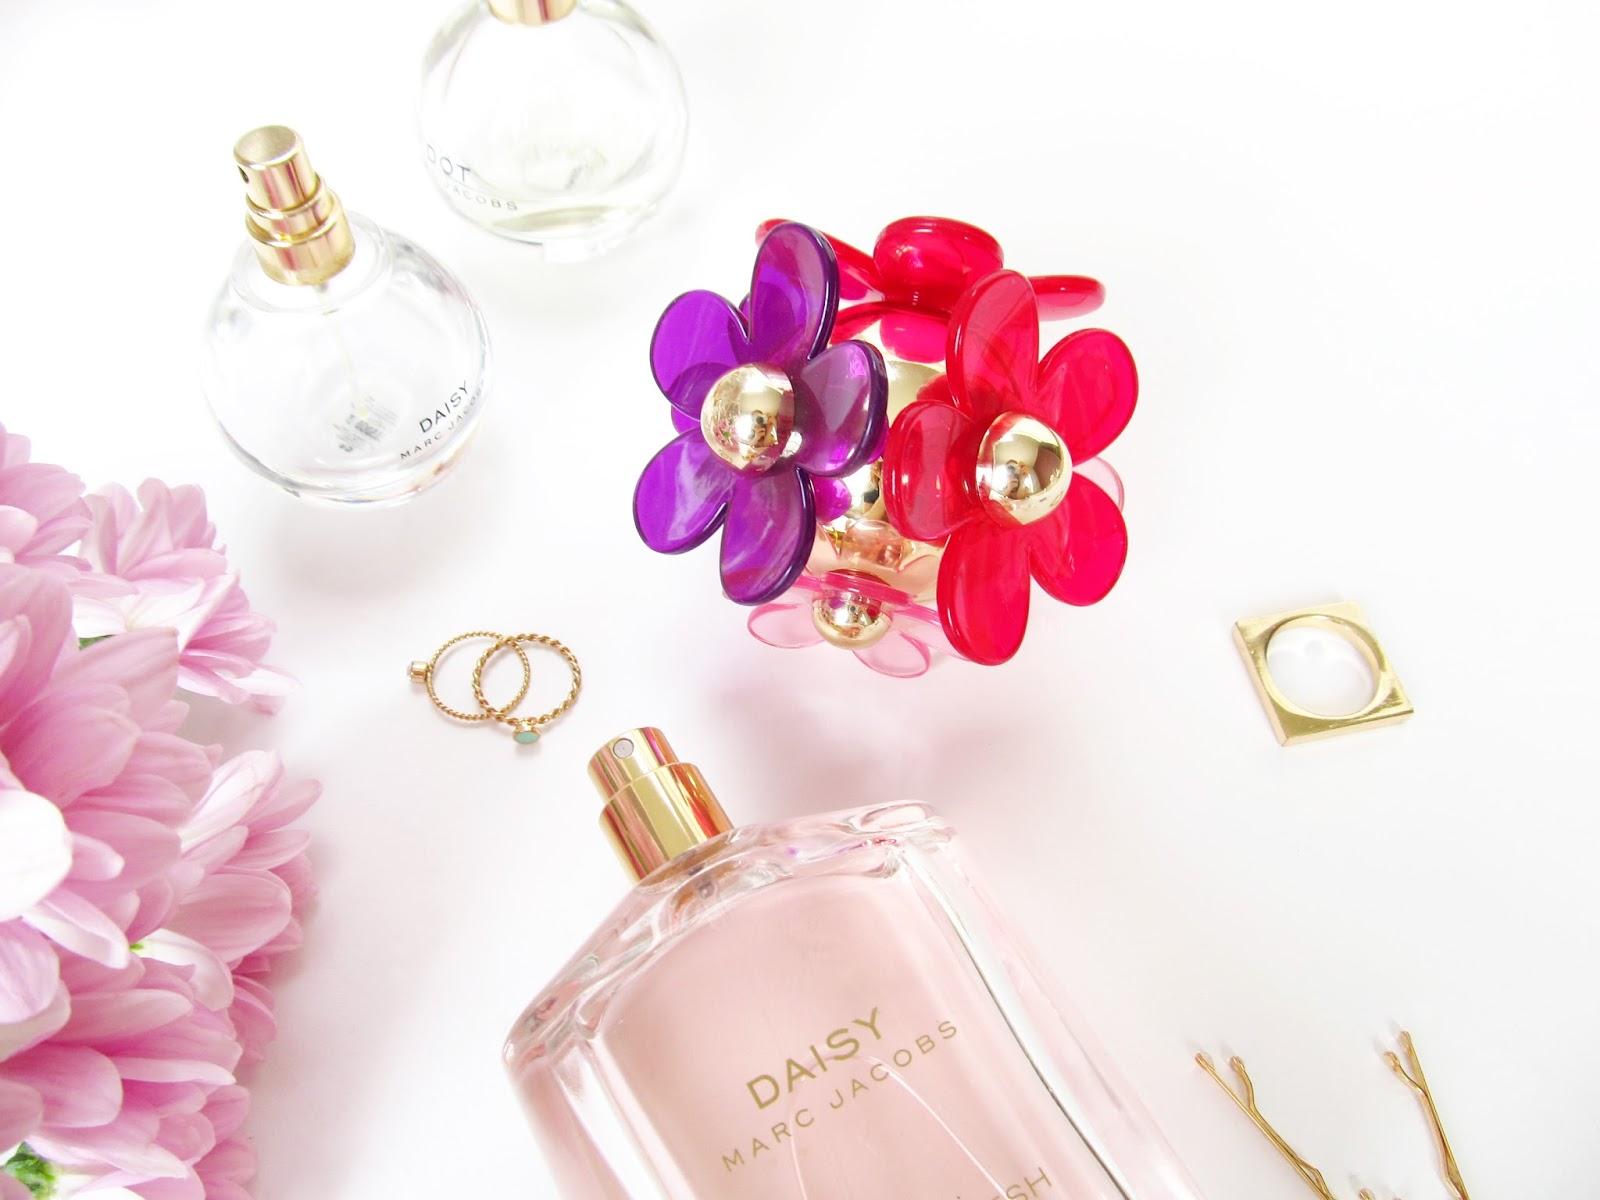 Nước hoa Marc Jacobs Daisy Eau So Fresh Sorbet thu hút mọi ánh nhìn